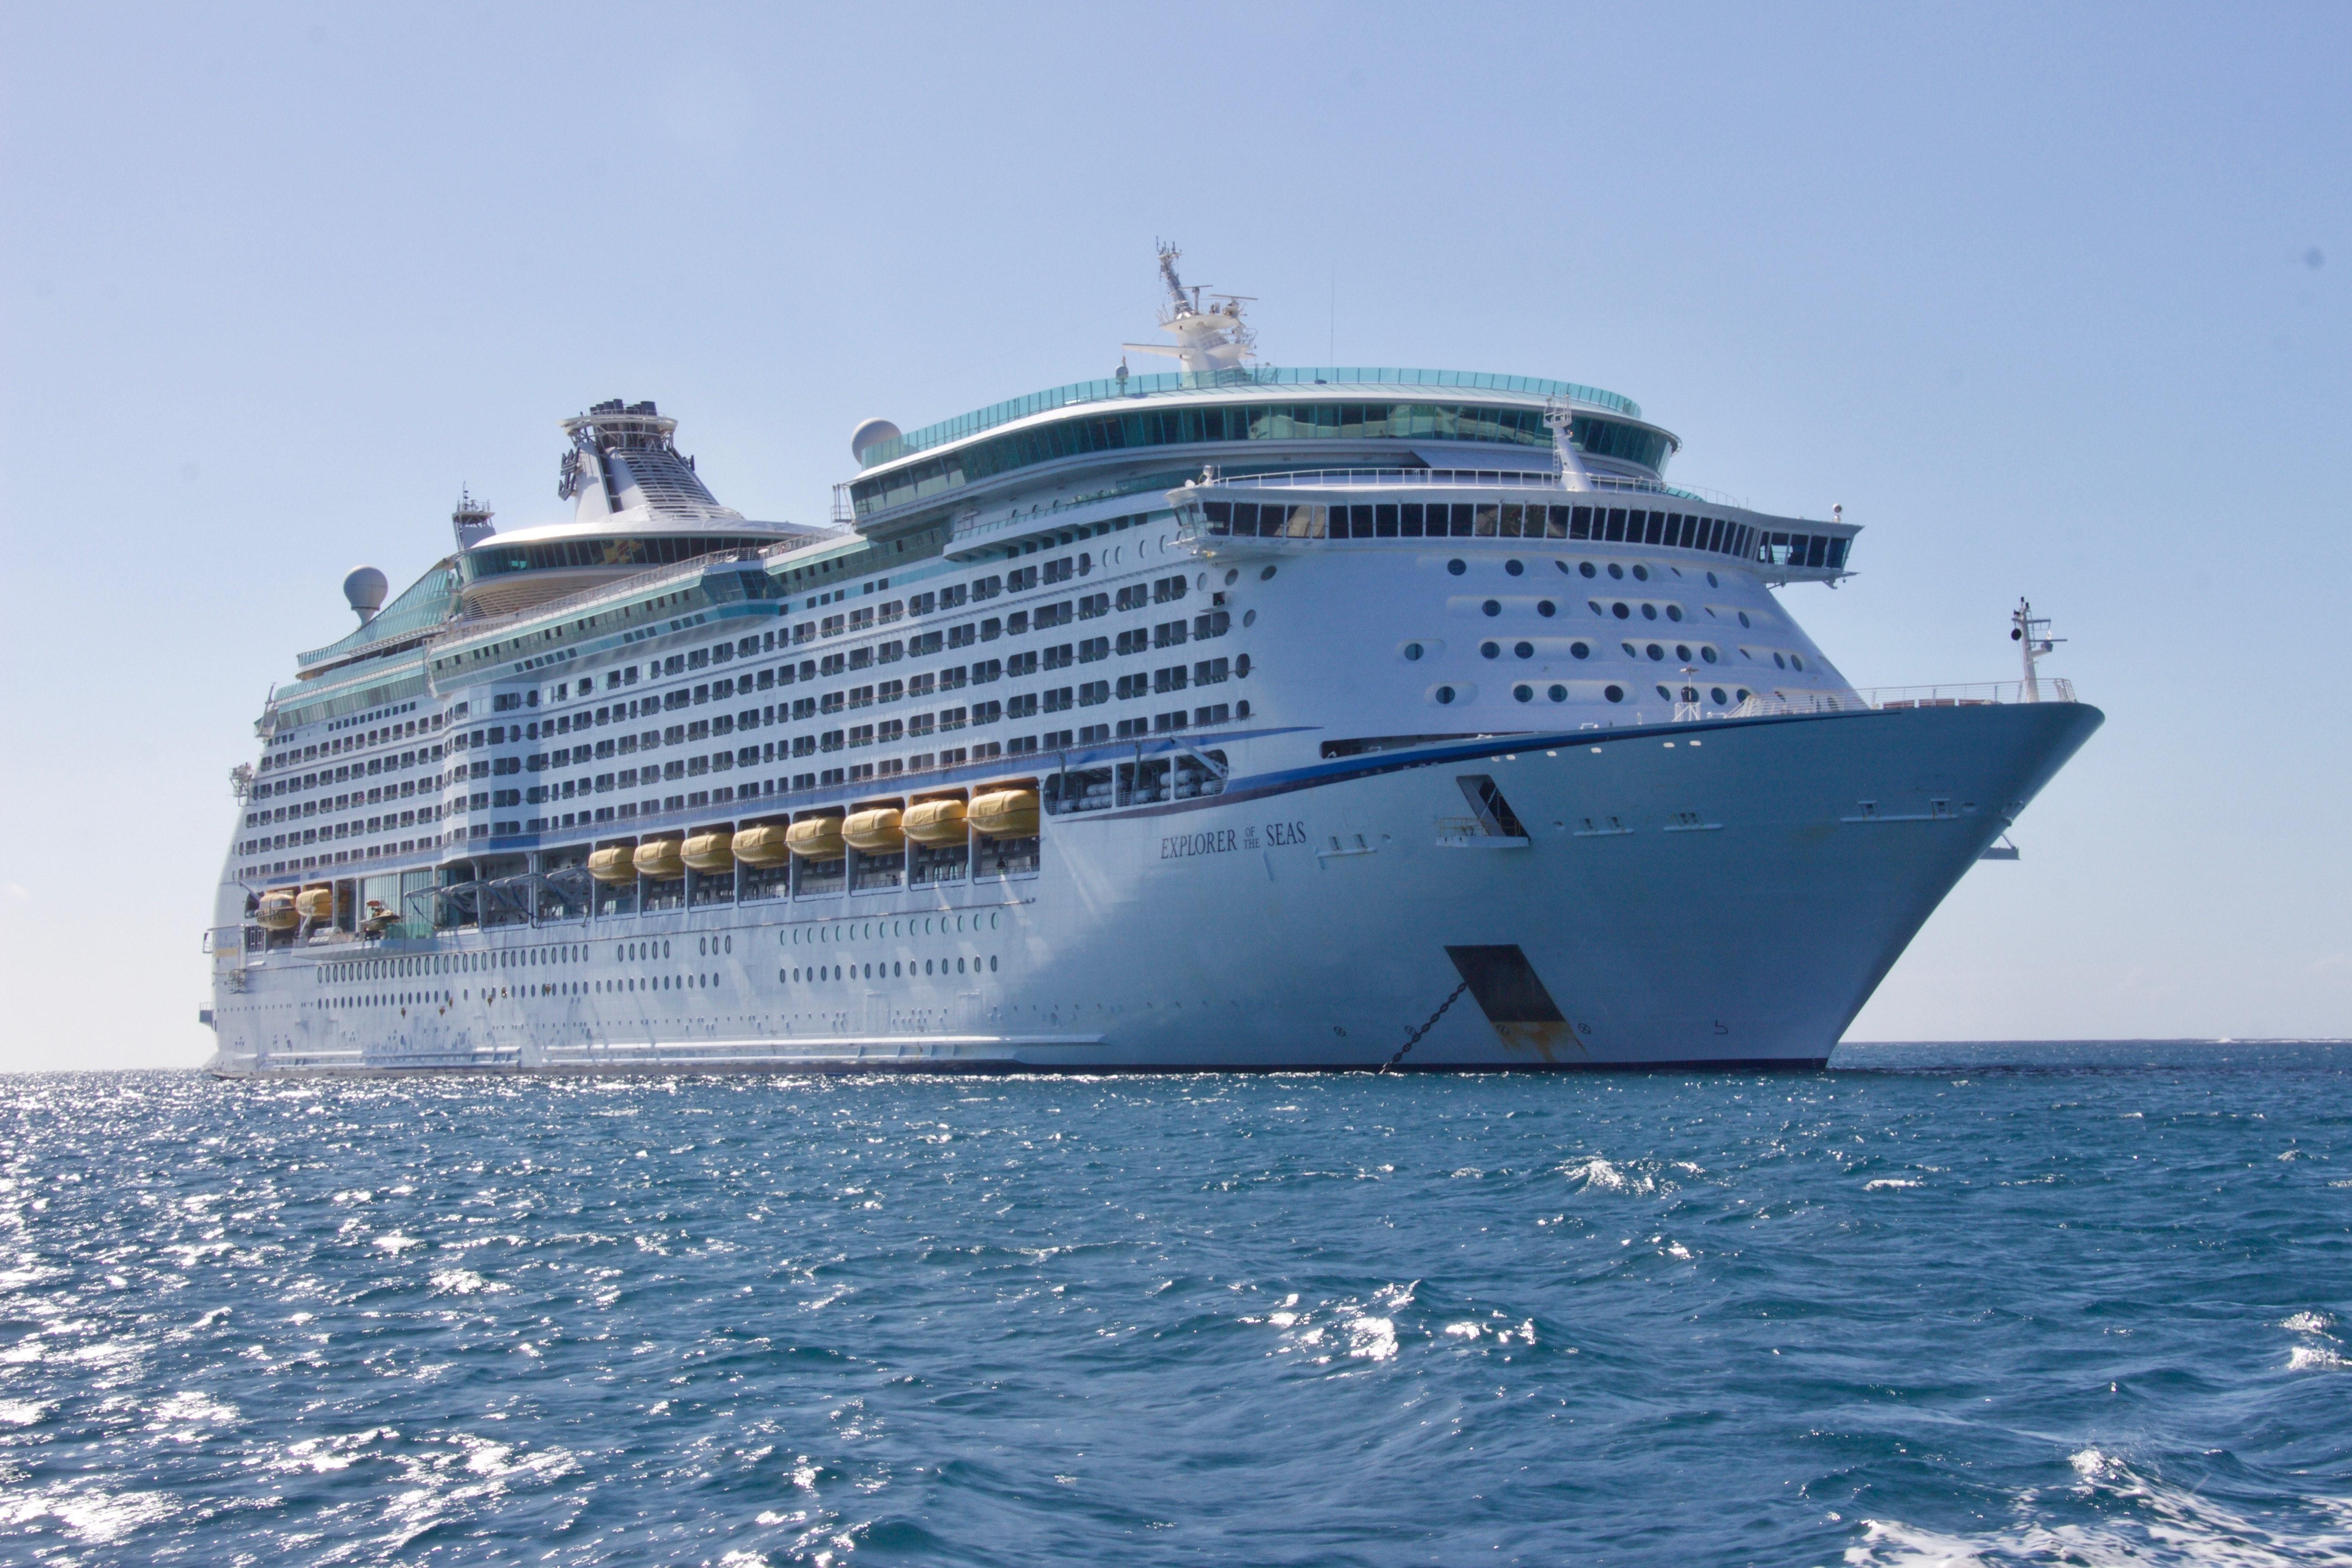 Trabajar en un crucero: ¿qué estudiar y cuáles son los requisitos?